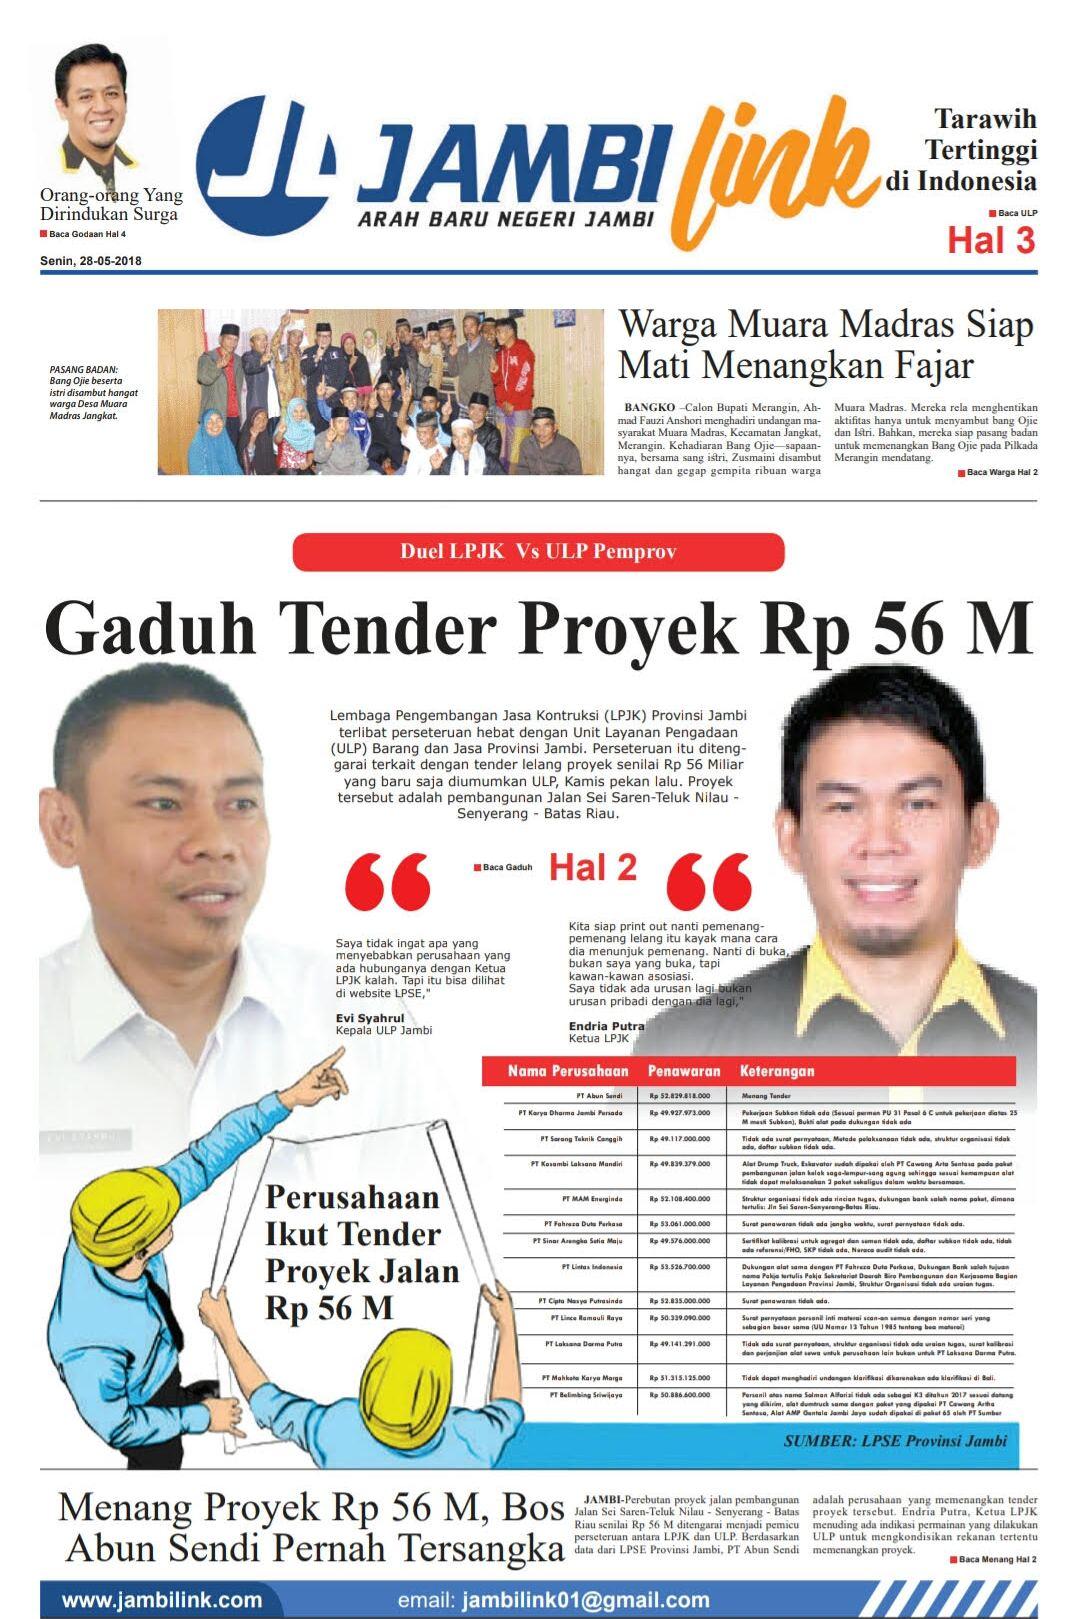 Cover Halaman 1 Jambi Link Edisi 28 Mei 2018